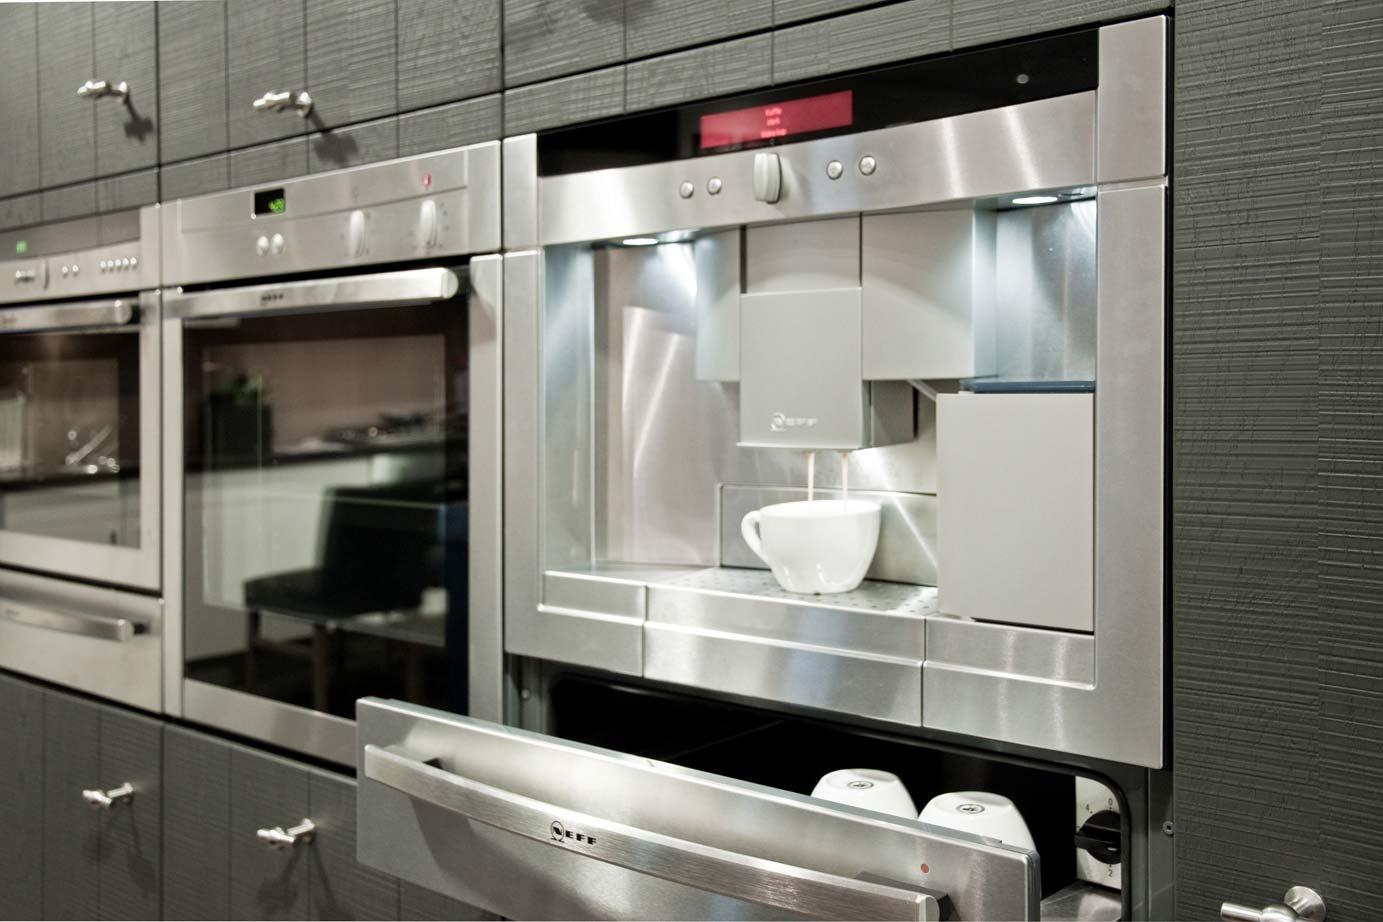 Keukenrenovatie Nederland : Keukenrenovatie in heel Nederland met eigen monteurs DB